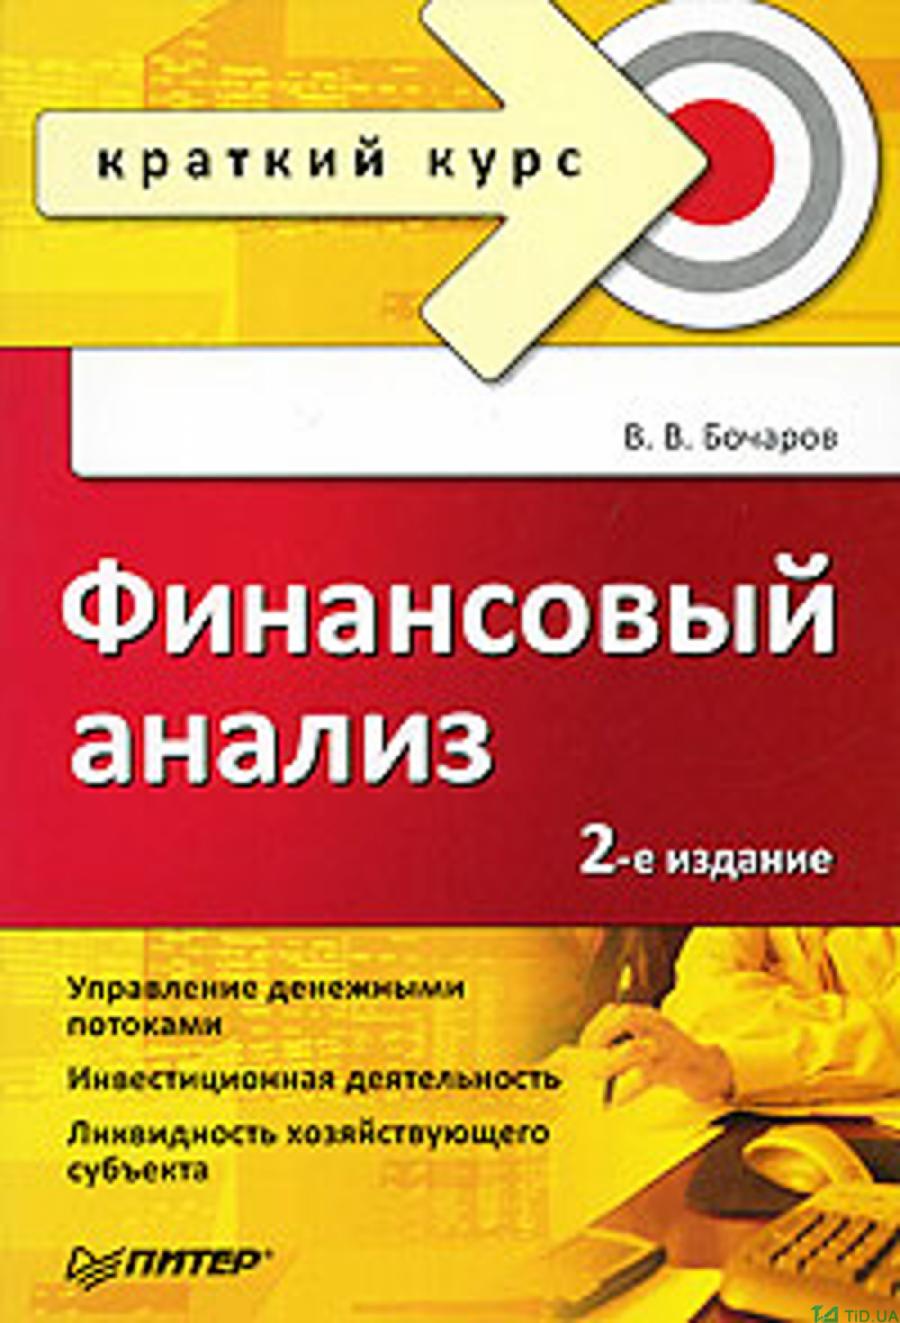 Обложка книги:  бочаров в.в. - финансовый анализ